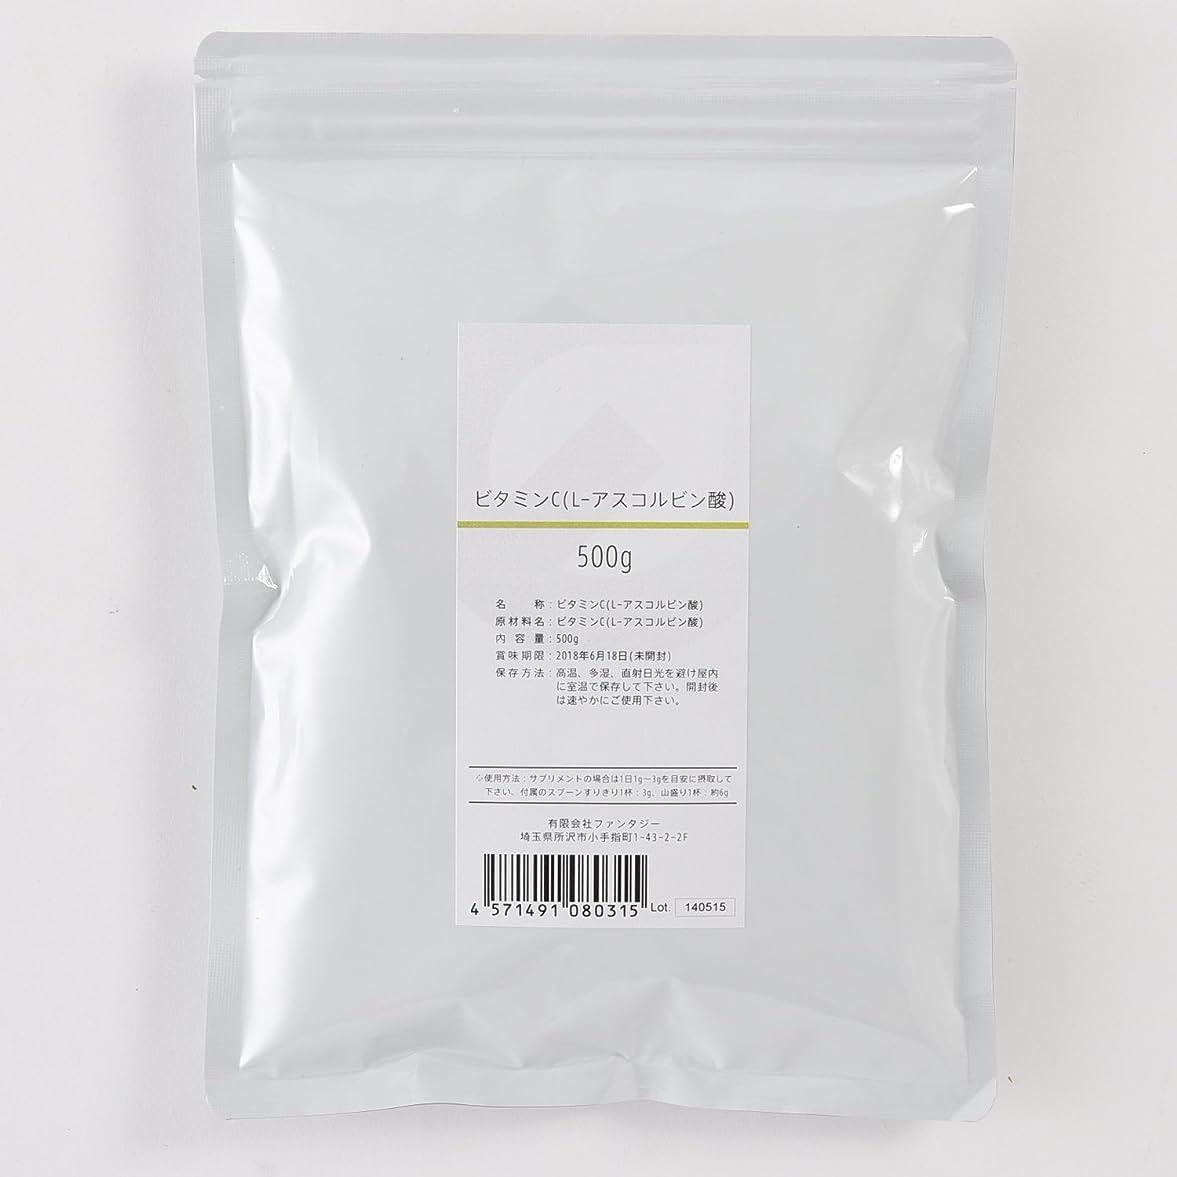 ホットスコットランド人セージビタミンC(L-アスコルビン酸)500g 【原末100%、スペシャルグレード】【計量スプーン付き】